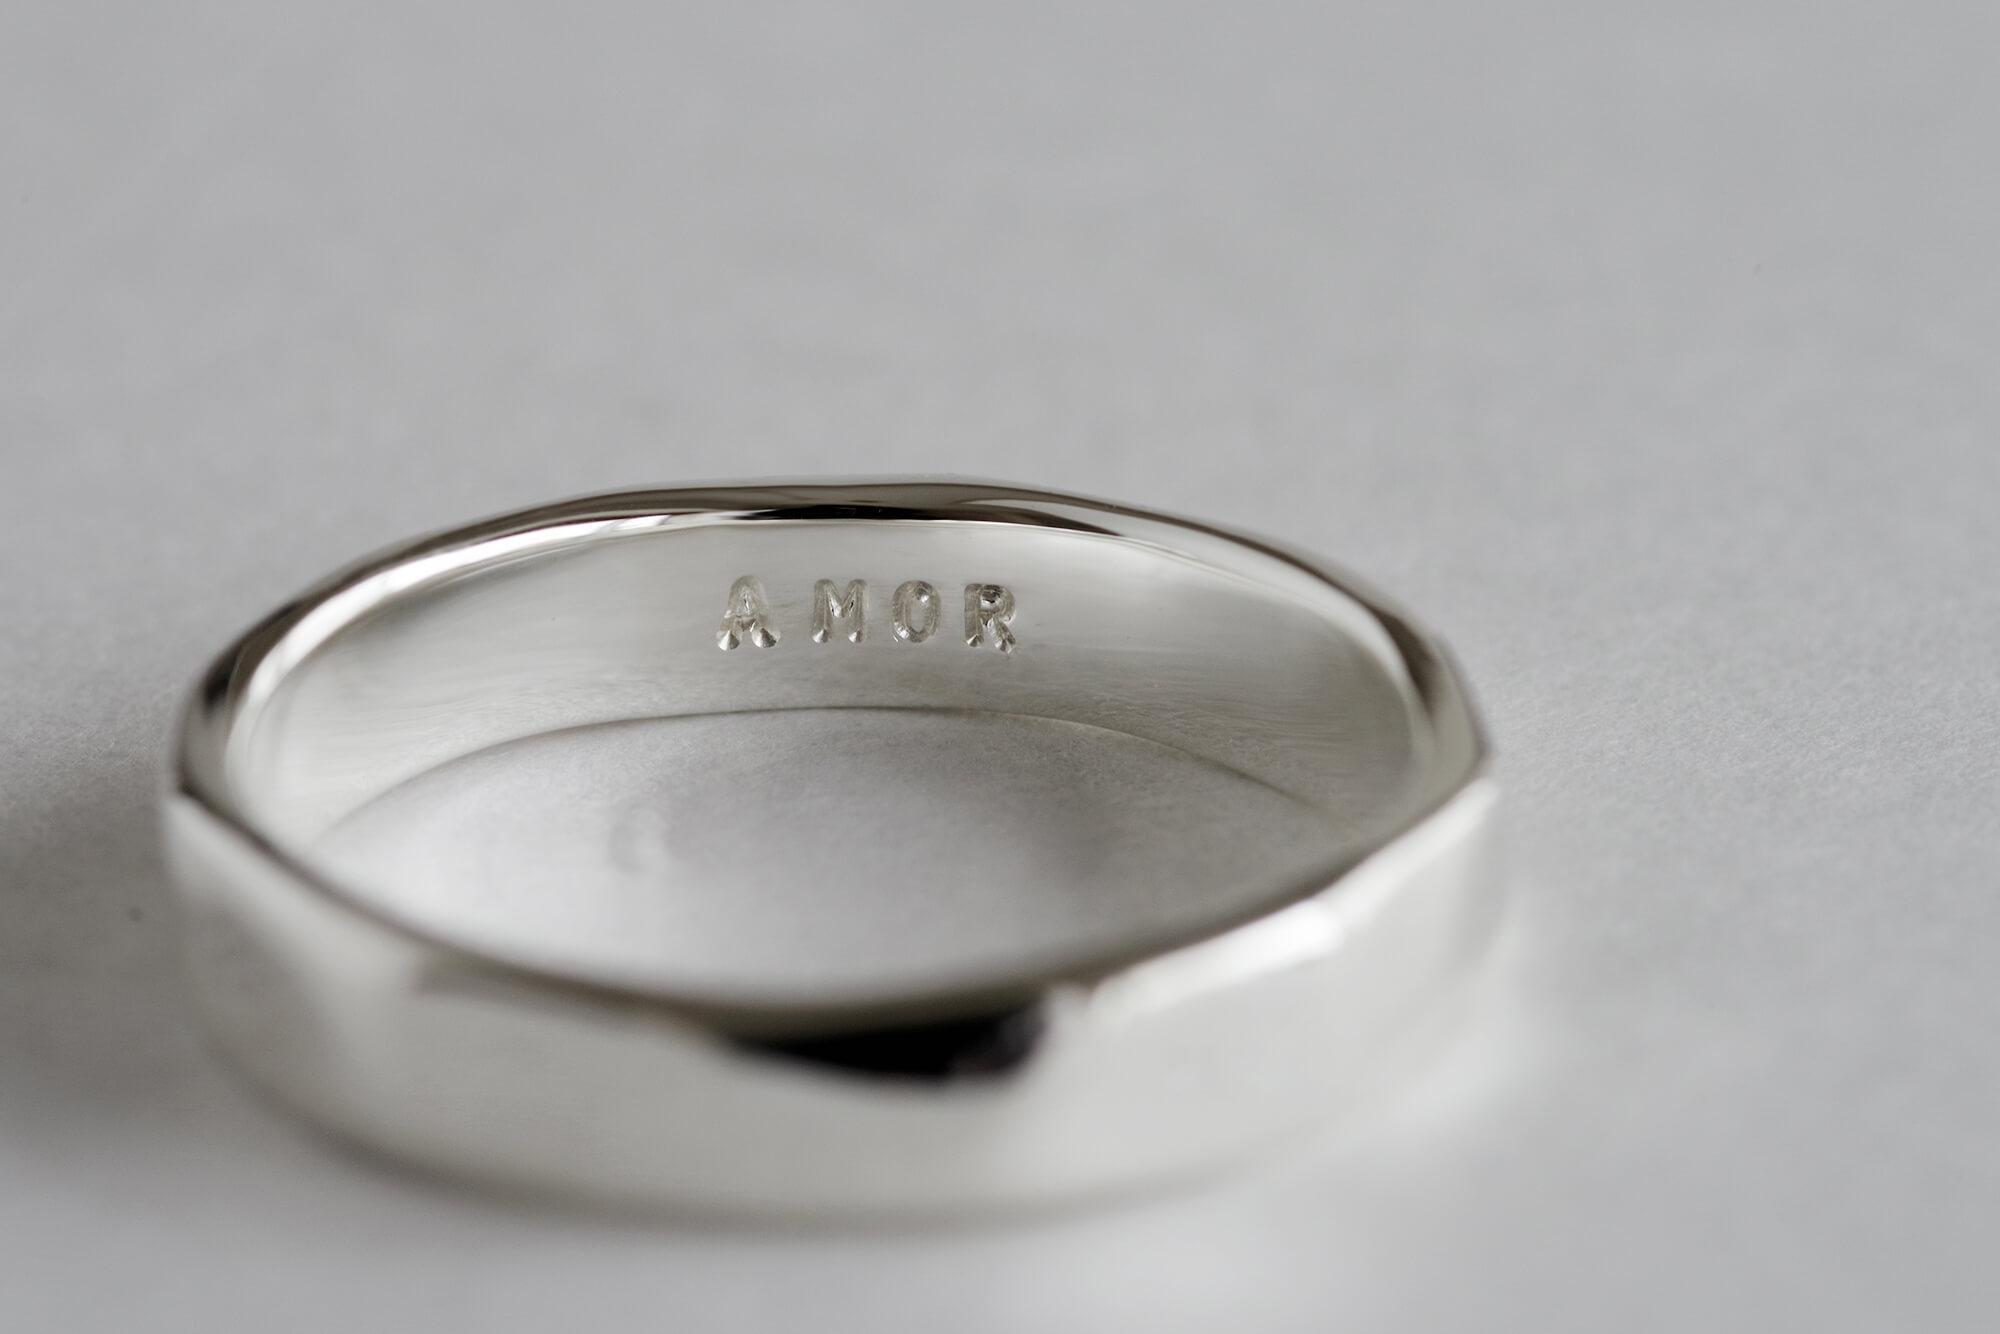 結婚指輪 オーダーメイド 刻印 ラテン語 AMOR